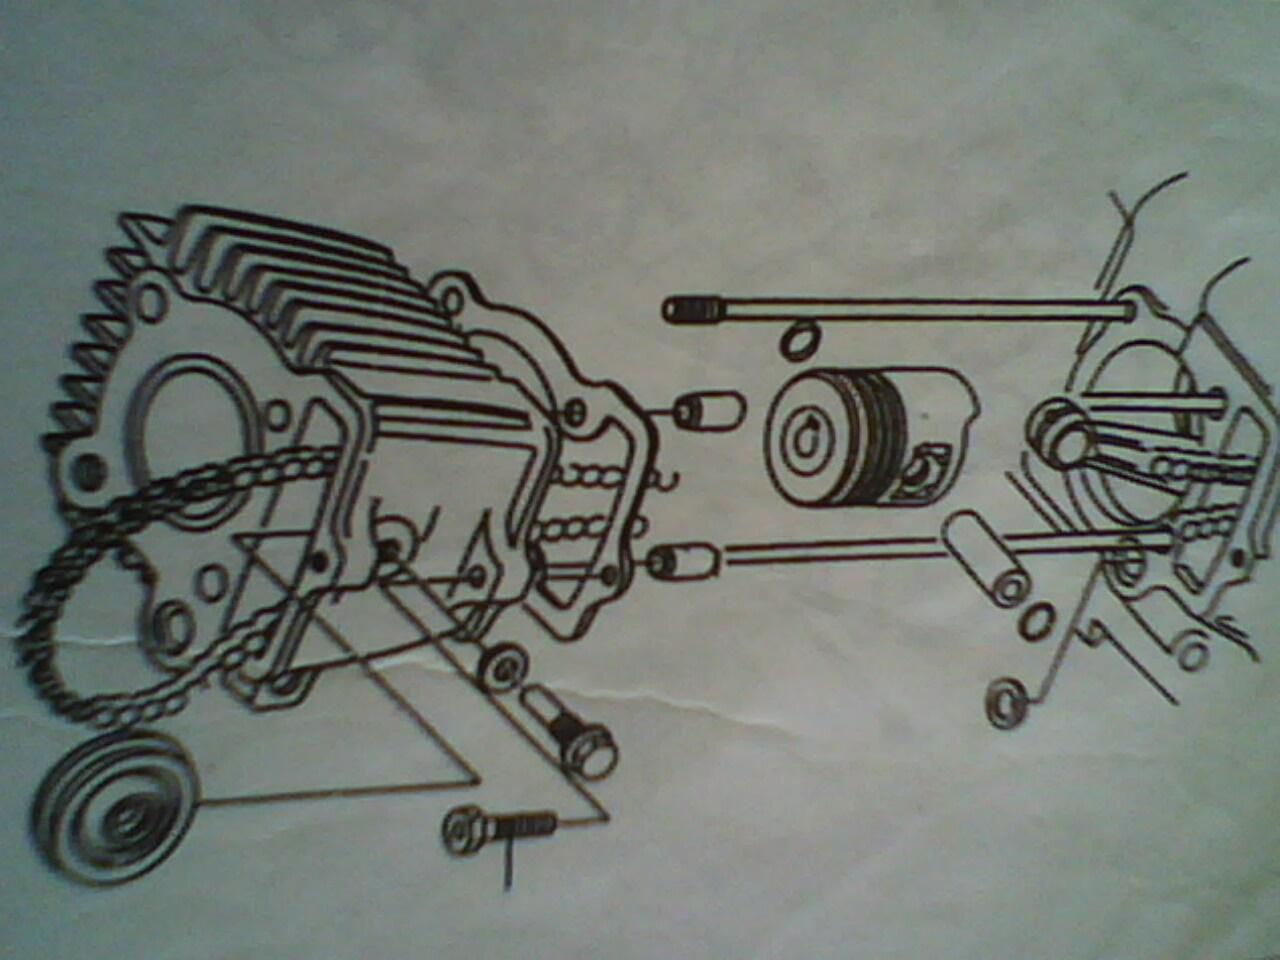 Pembagian wilayah pada mesin motor